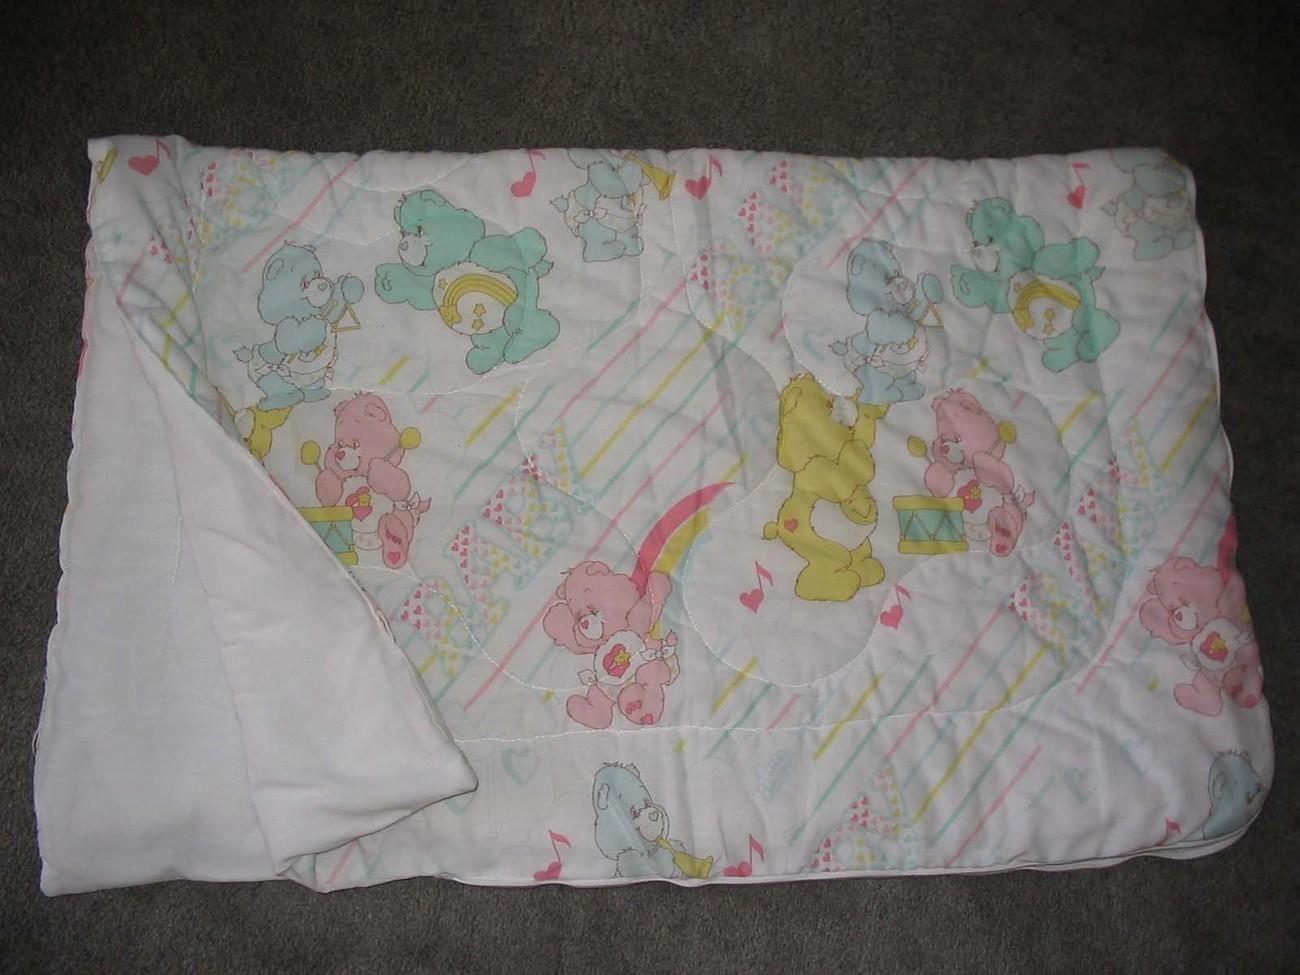 Vintage CARE BEARS Baby Blanket Sleeping Bag